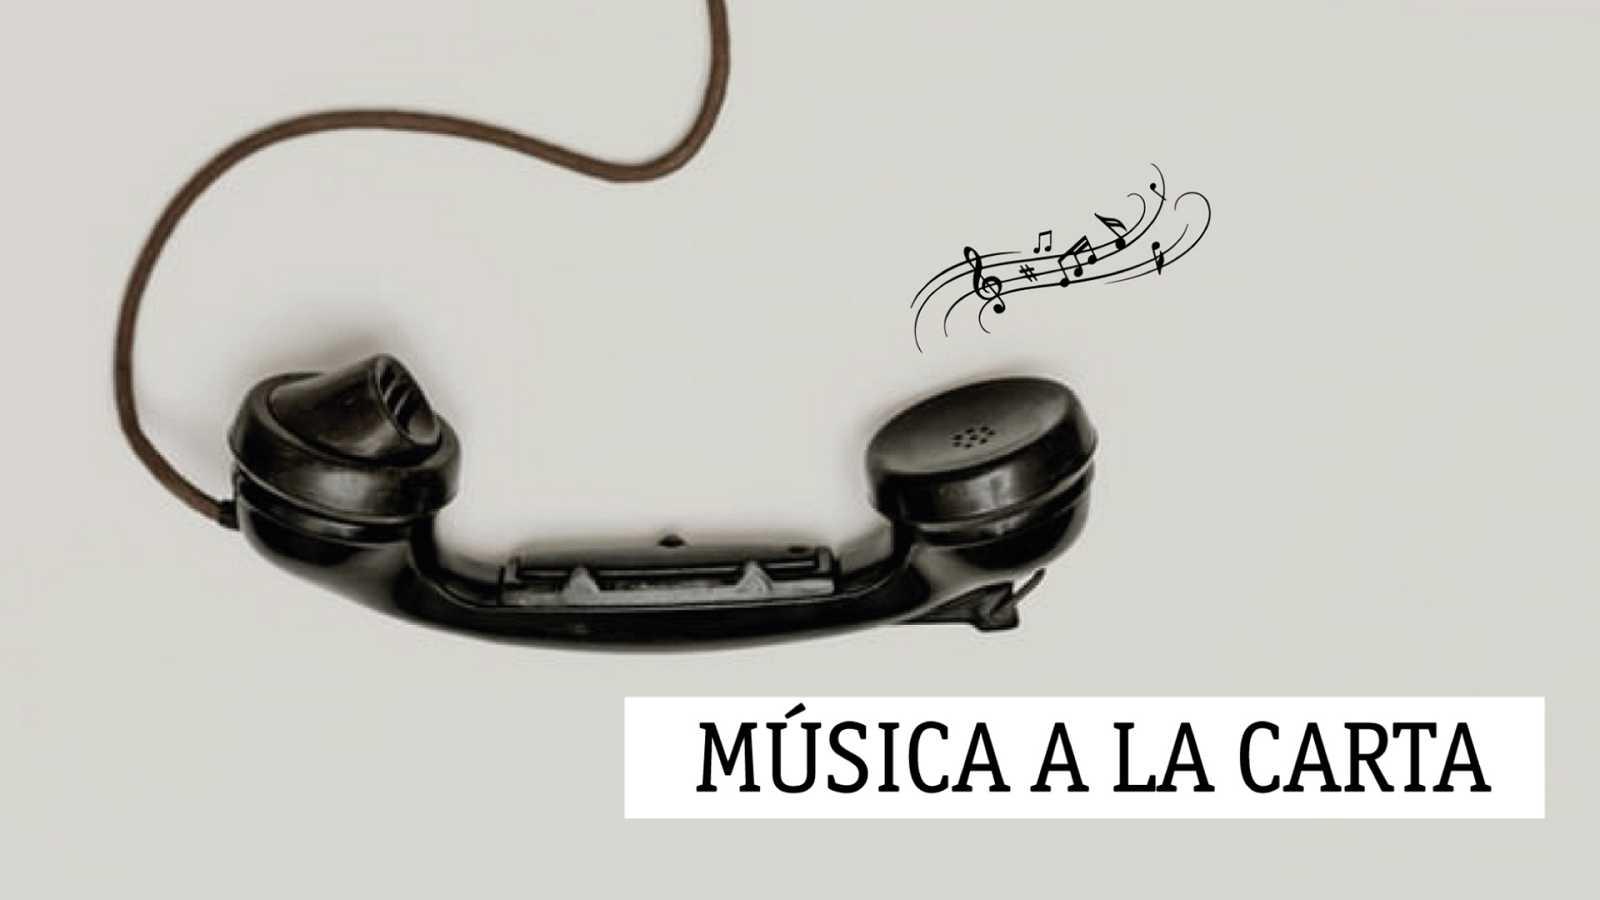 Música a la carta - Martines, Beethoven,Rachmaninov, Dale - 20/01/20 - escuchar ahora